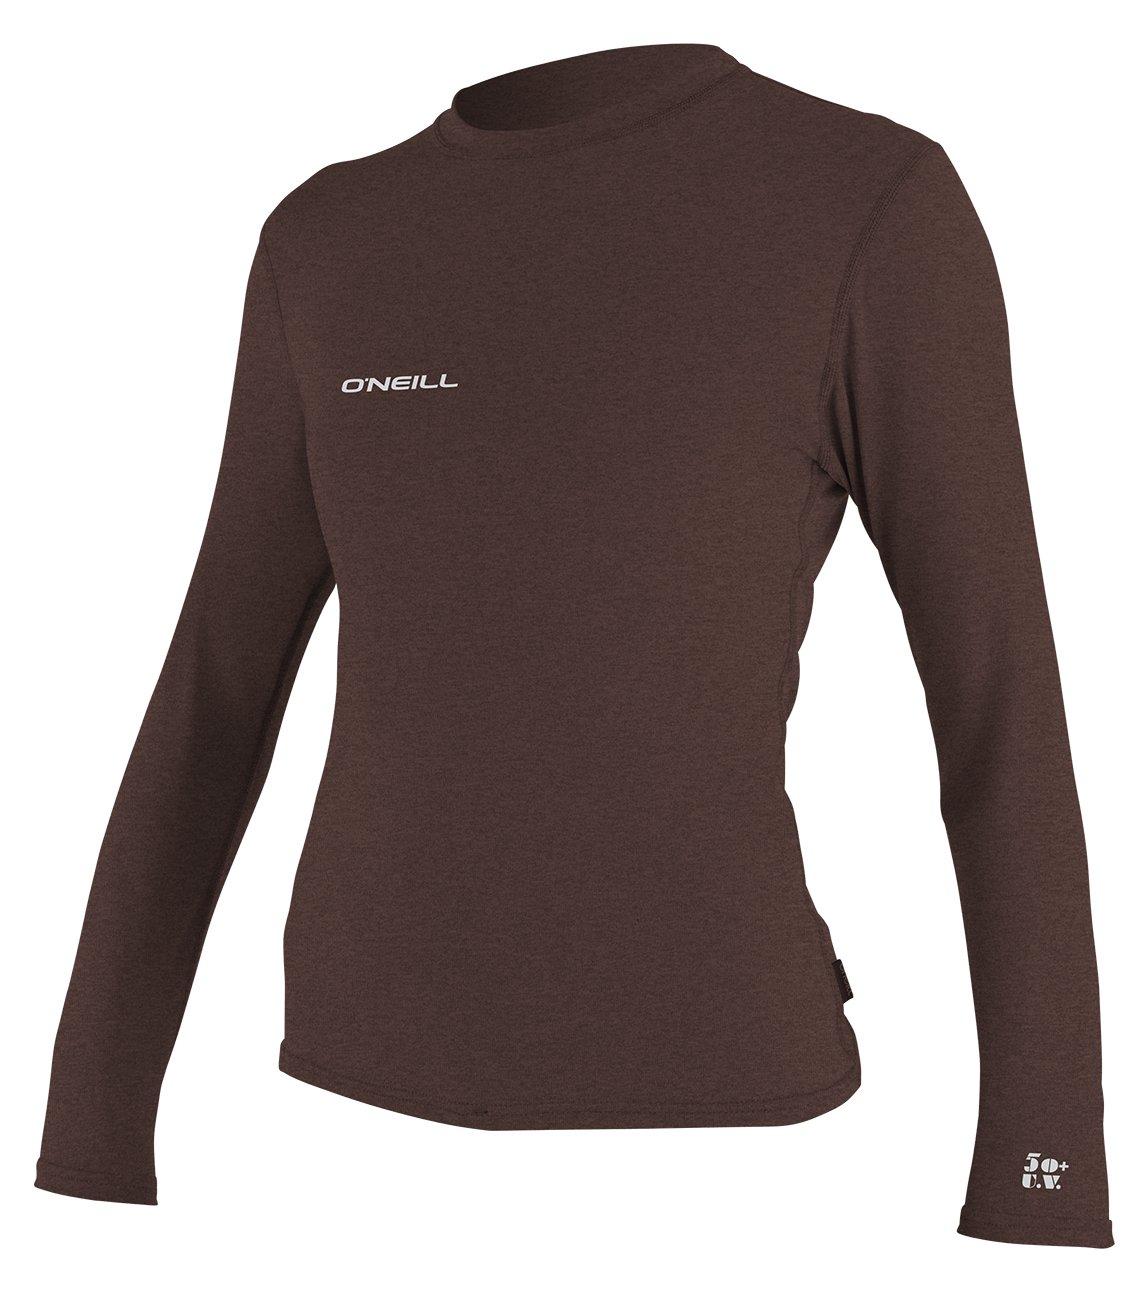 O'Neill Women's Hybrid UPF 50+ Long Sleeve Sun Shirt, Pepper, X-Small by O'Neill Wetsuits